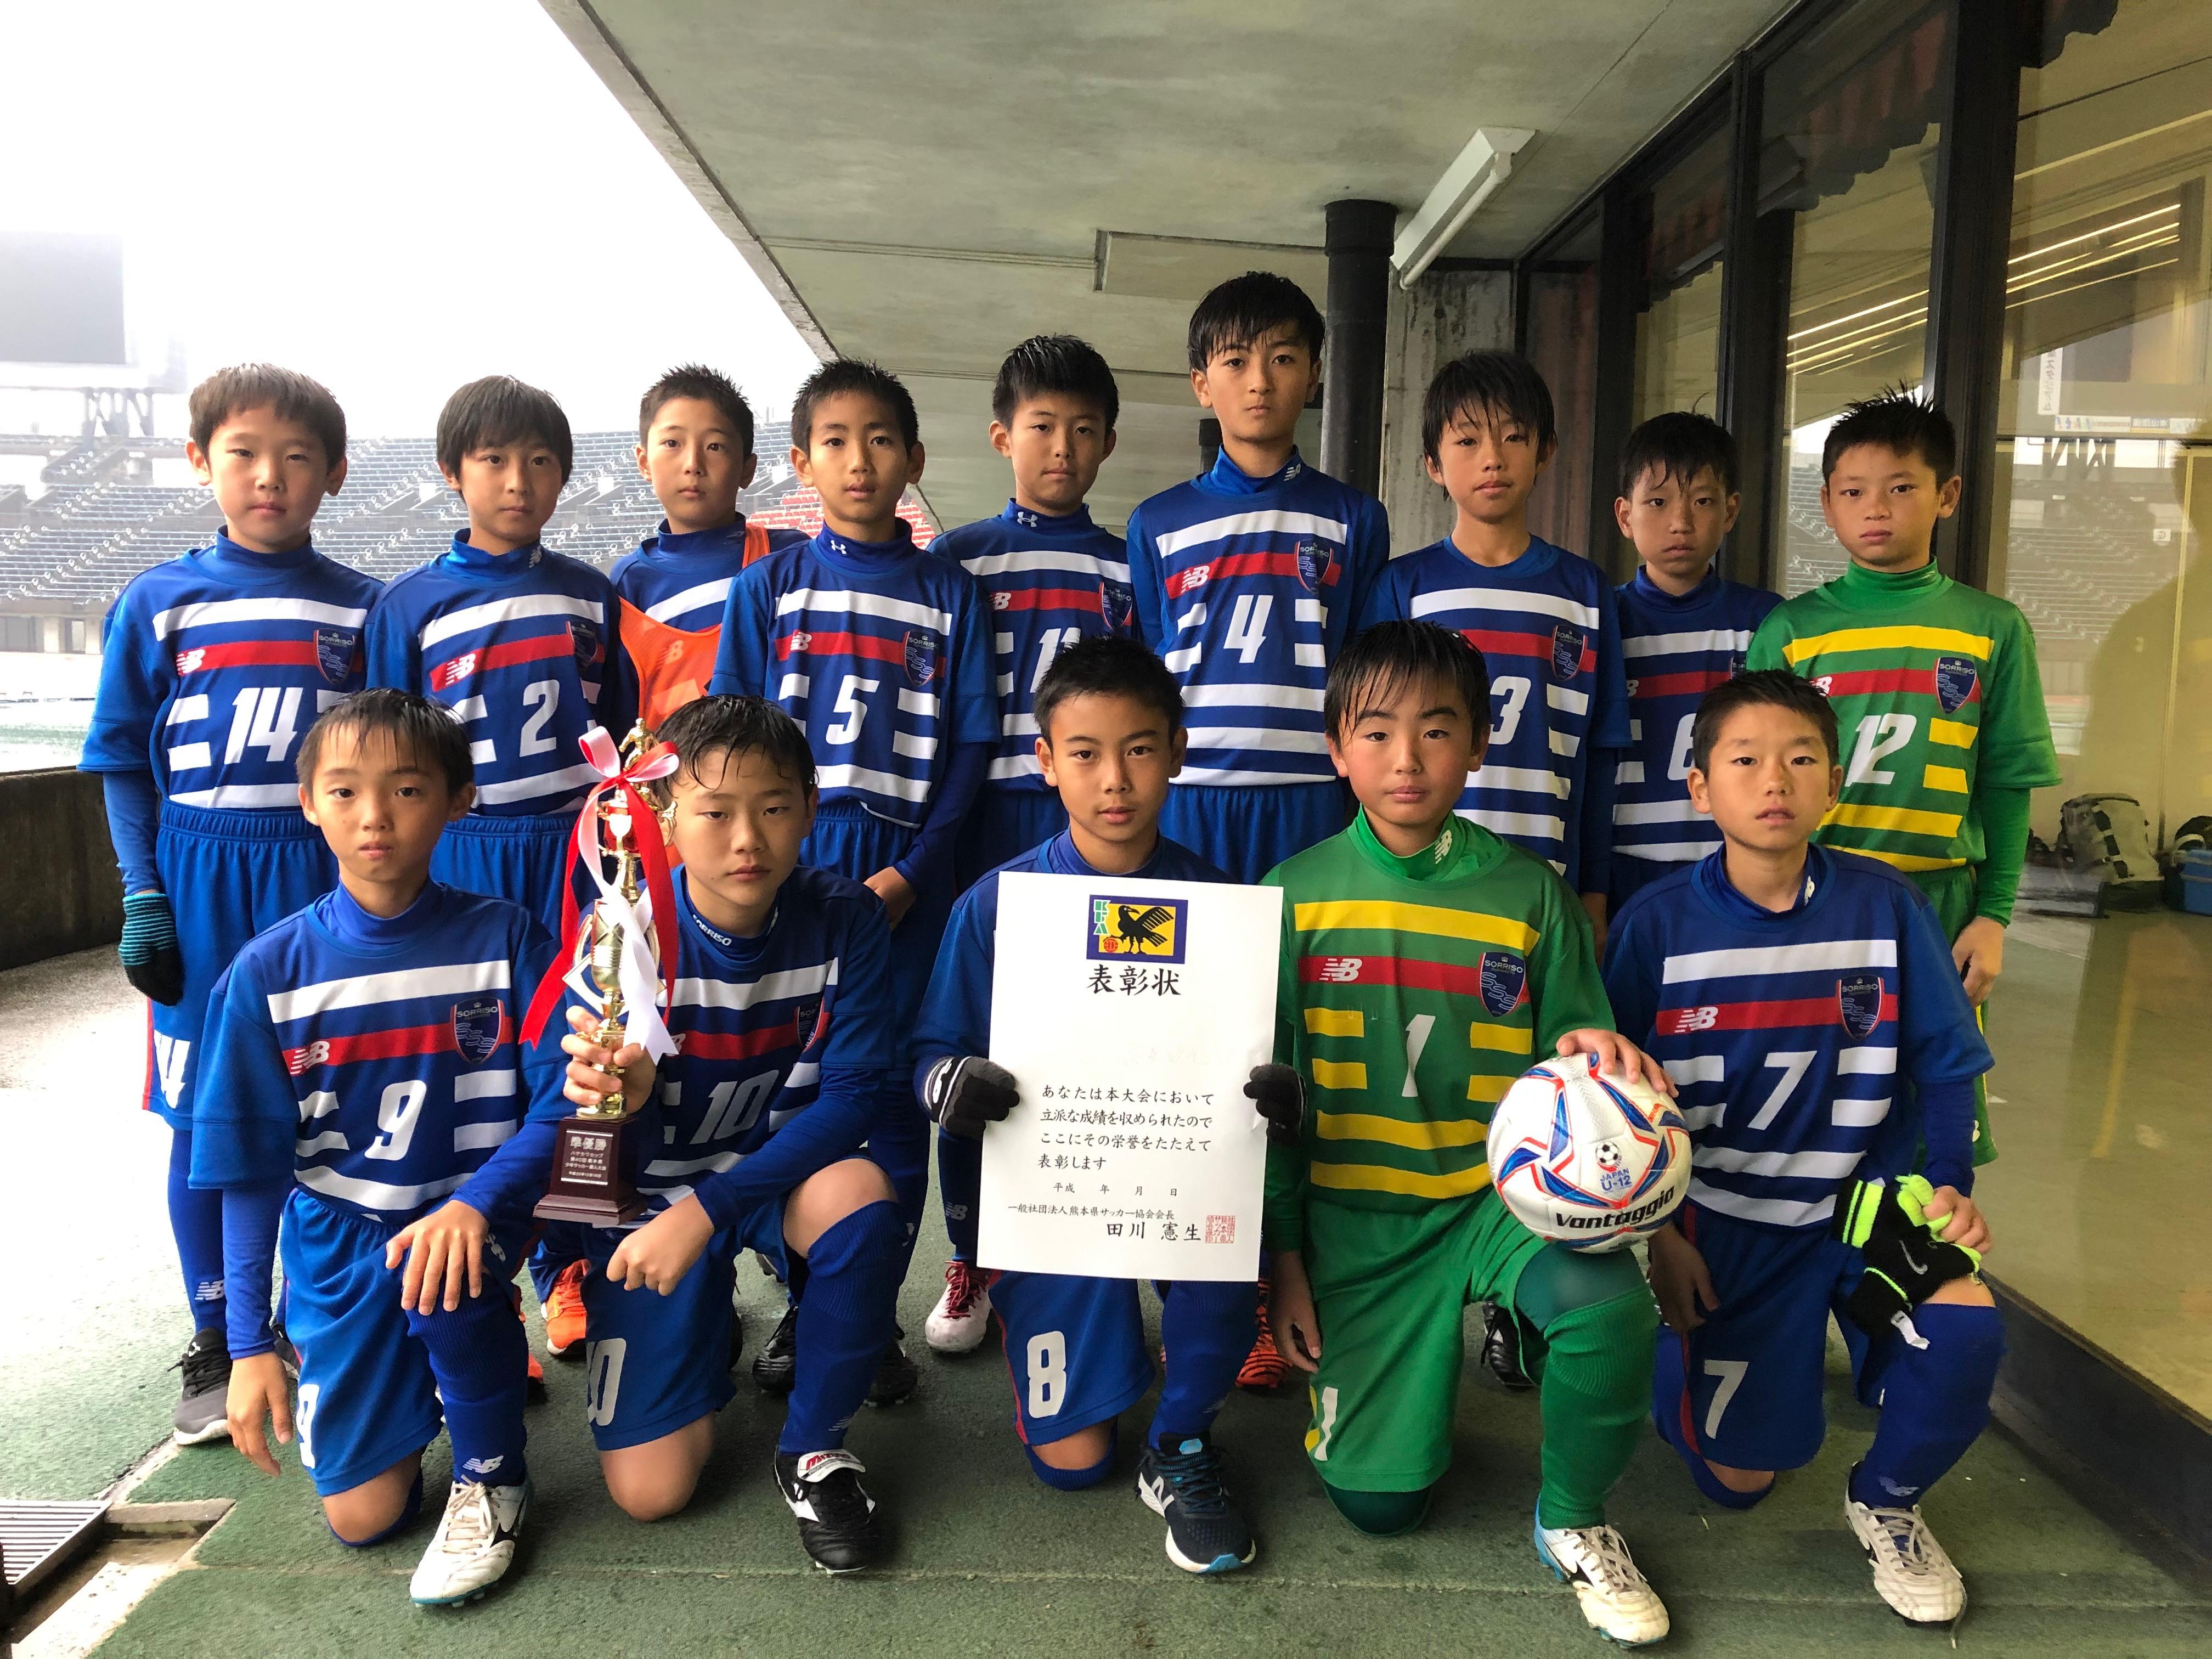 第40回熊本県少年サッカー新人(...